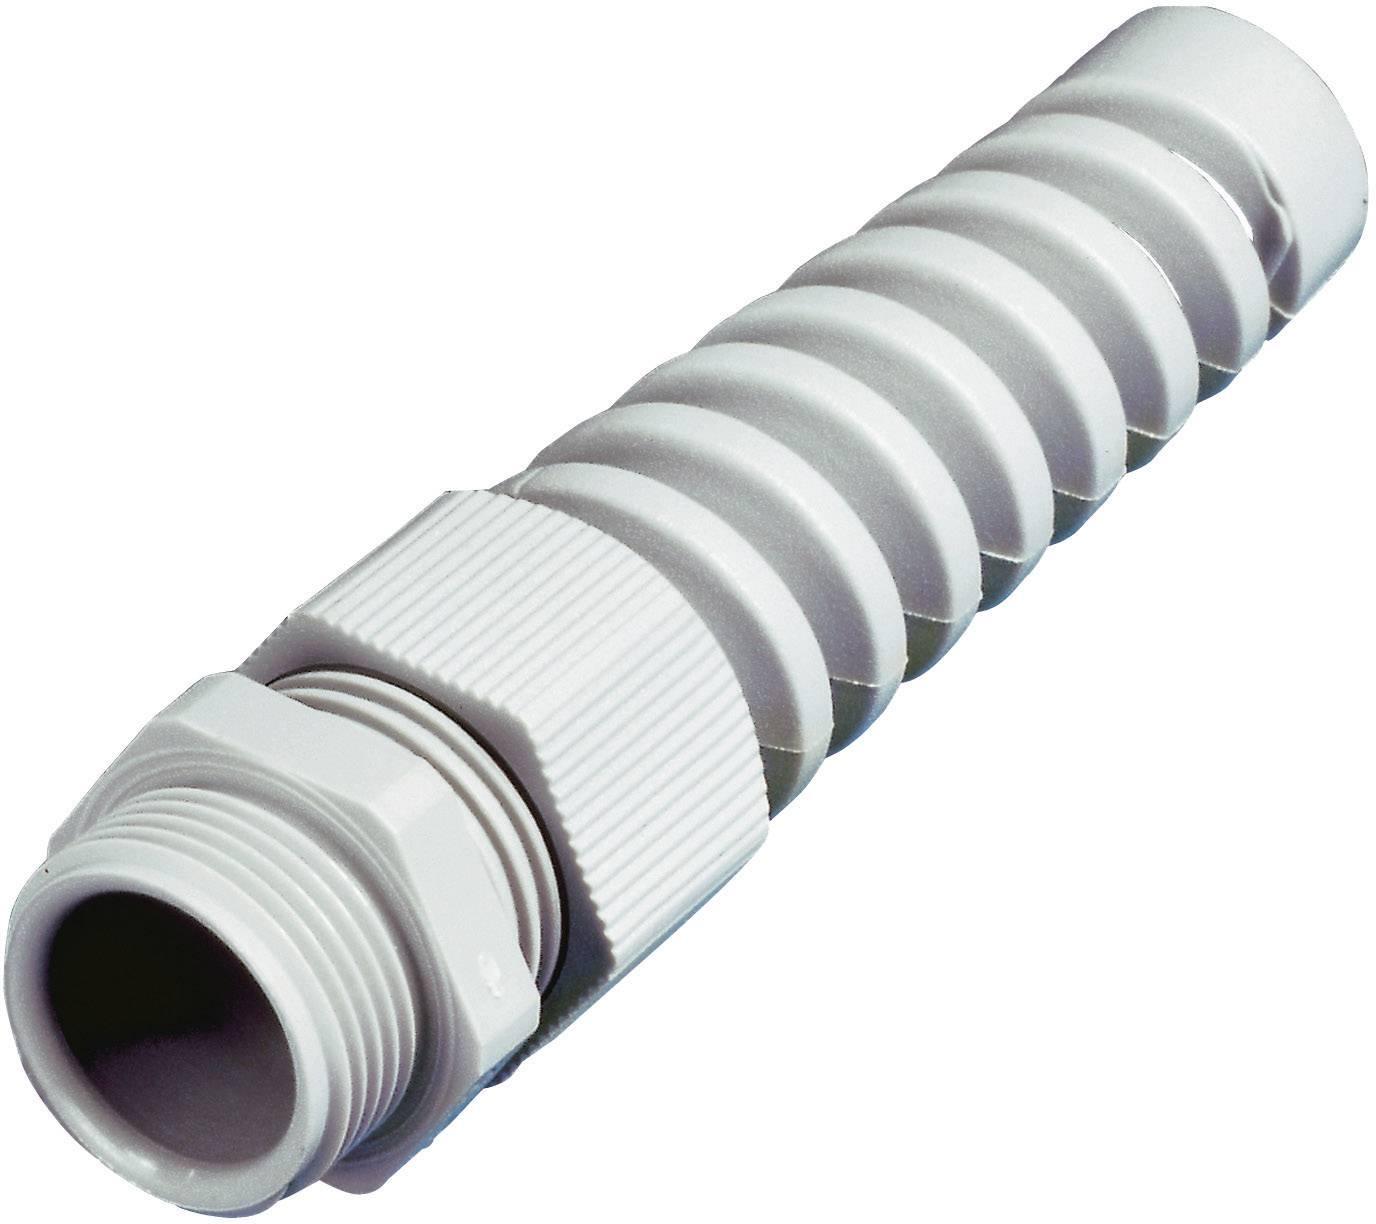 Káblová priechodka Wiska SKVS PG11 RAL 9005;s odľahčením ťahu, s ochranou pred zlomením, polyamid, čierna, 1 ks